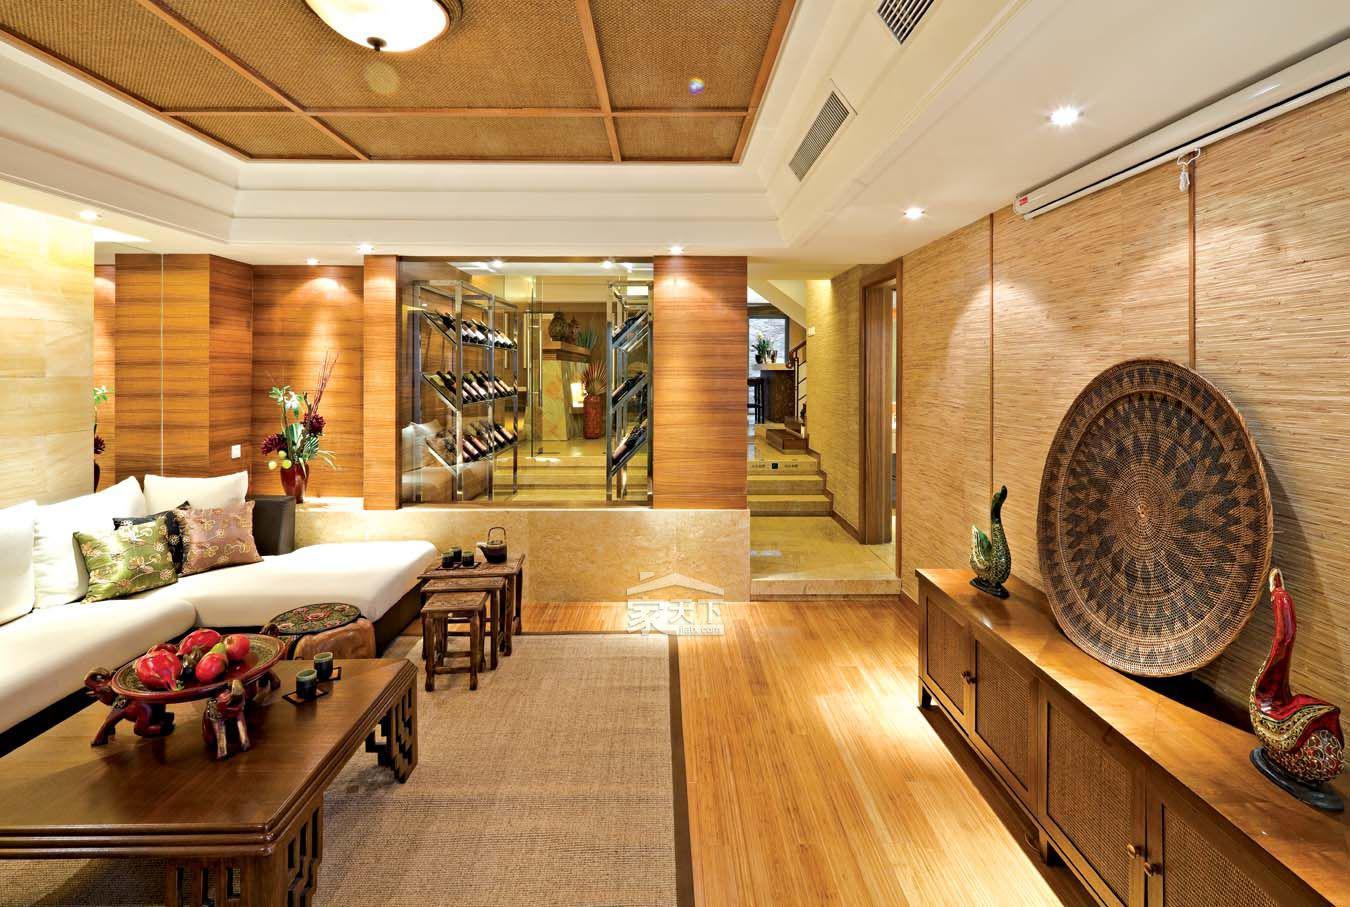 崇尚自然的异域风情 东南亚风格装修三大特点